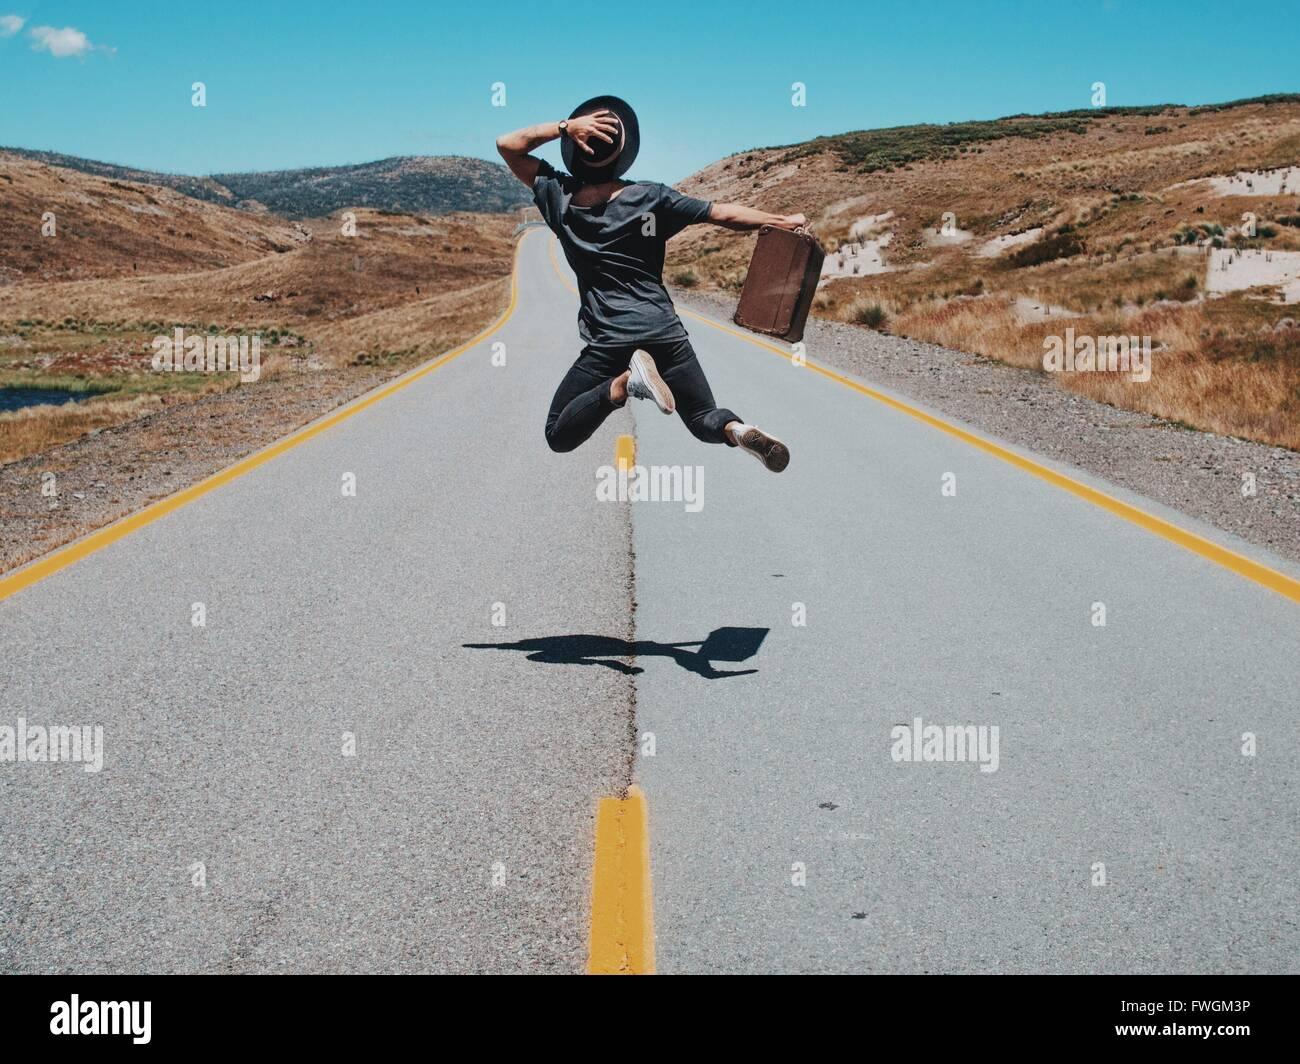 Vista posteriore dell'Uomo salto sulla strada di campagna contro Sky Immagini Stock